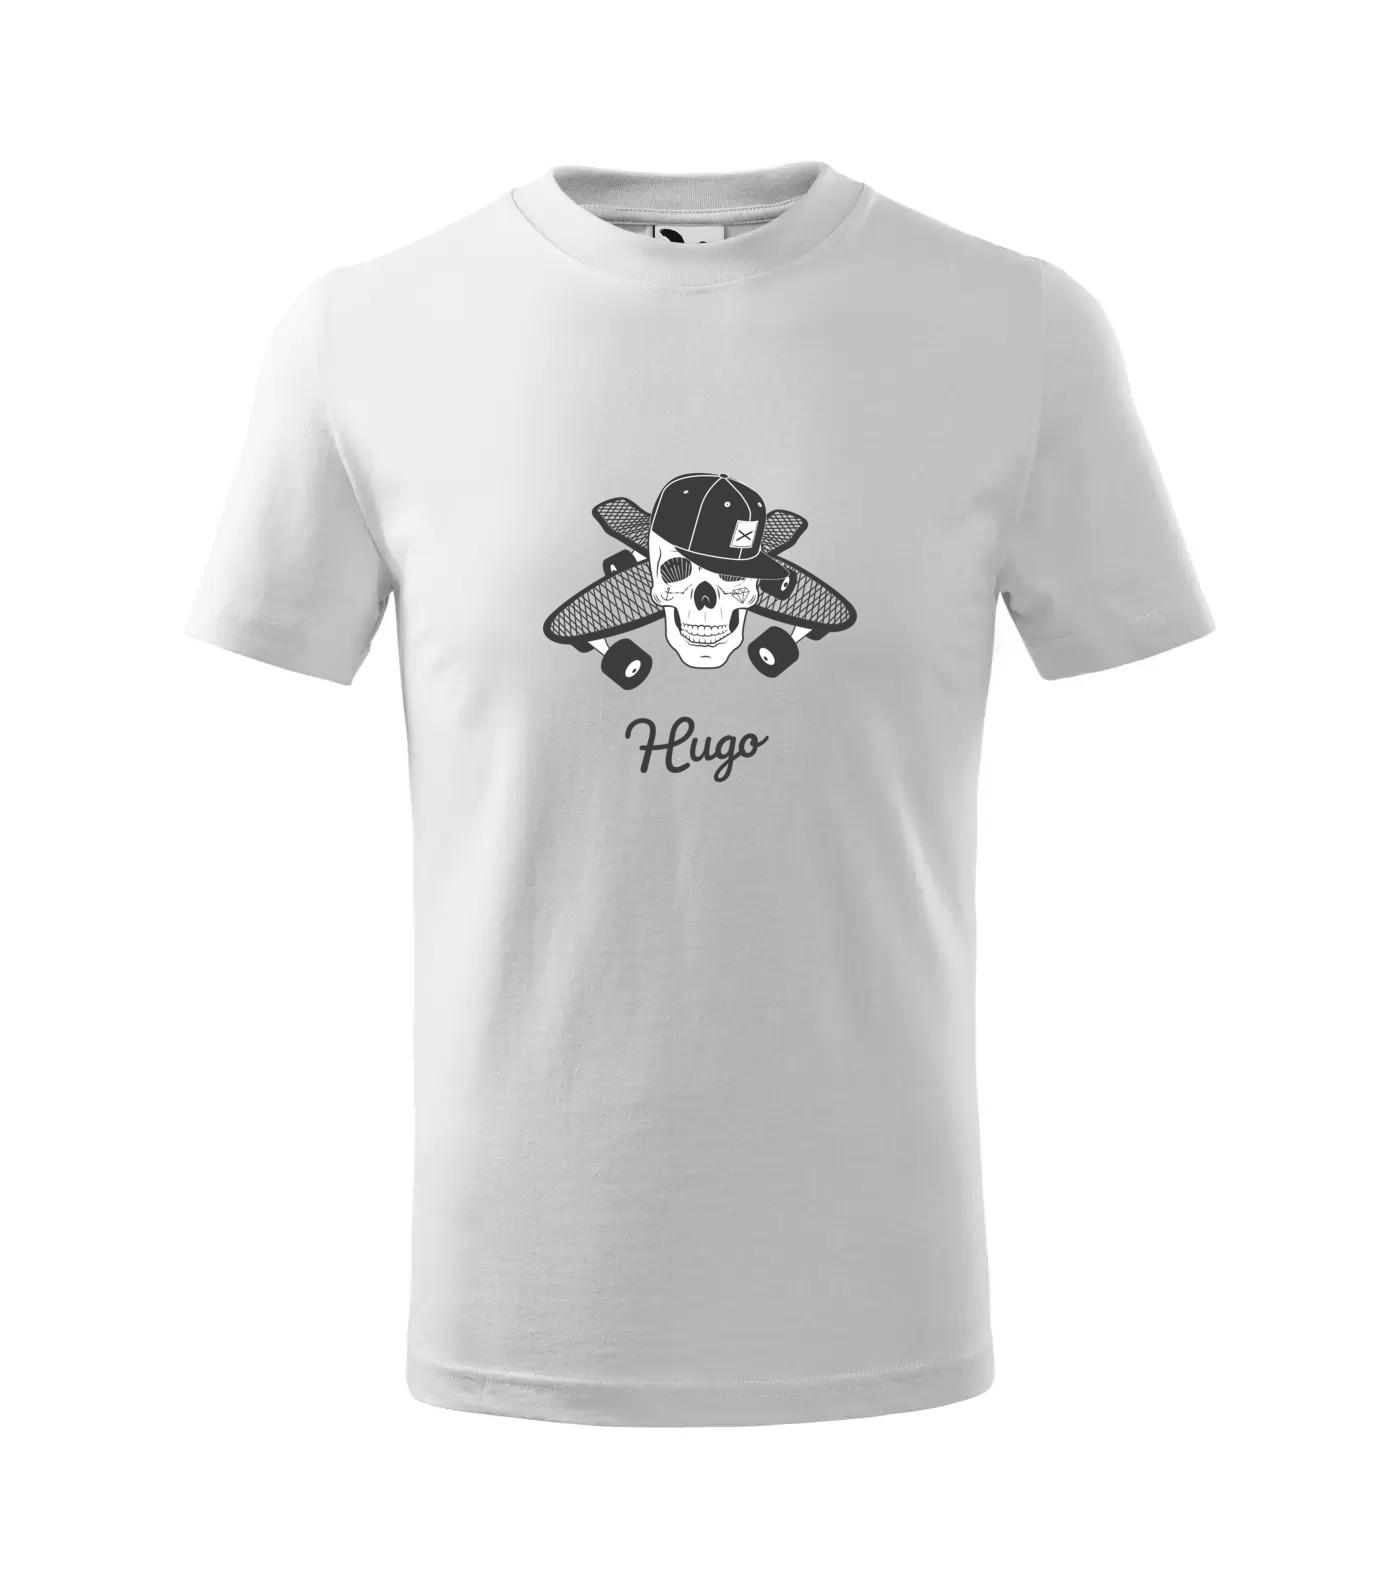 Tričko Skejťák Hugo